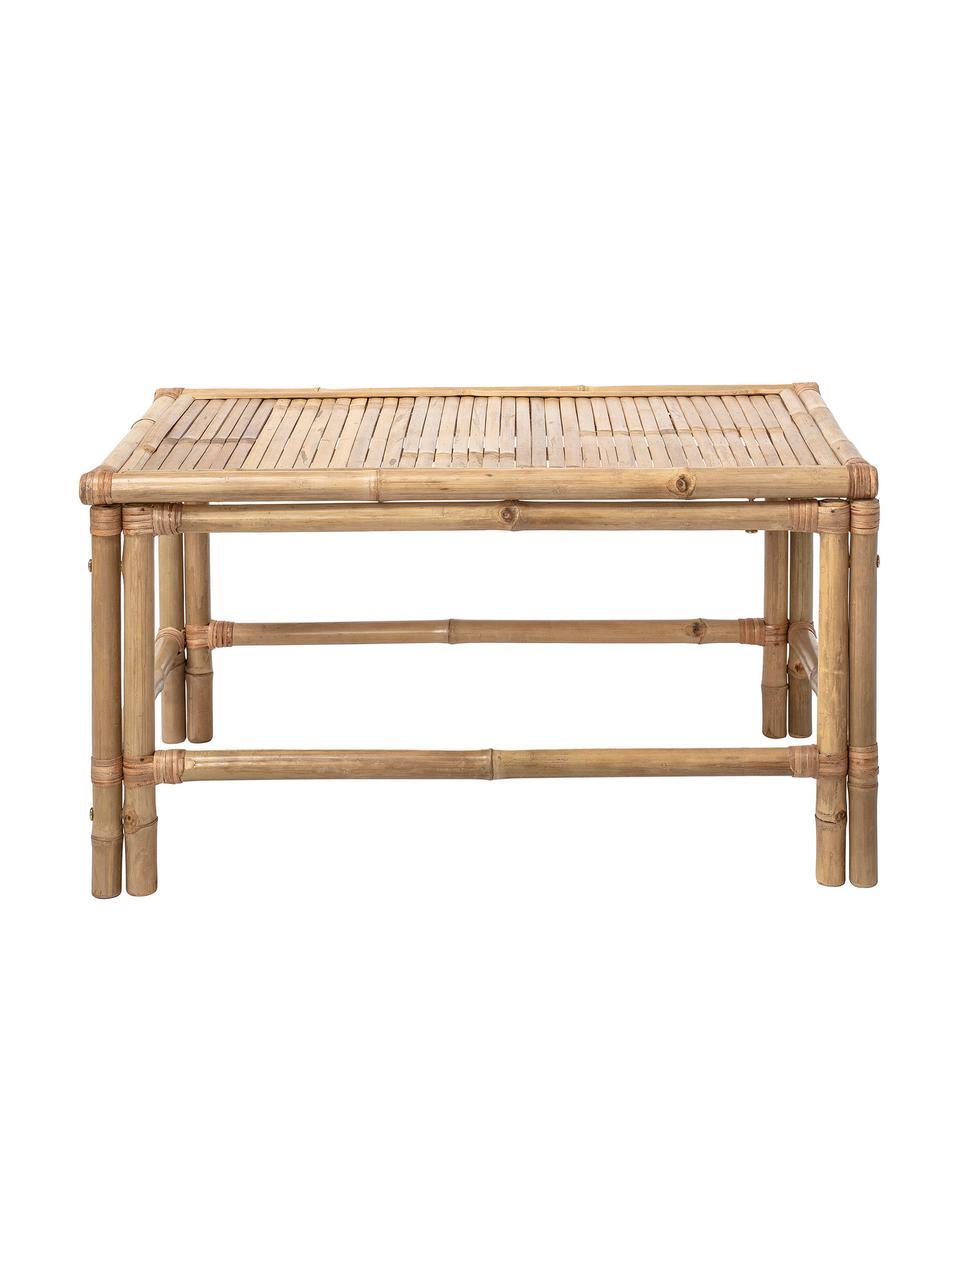 Bambus-Couchtisch Sole, Bambus, Beige, 90 x 50 cm